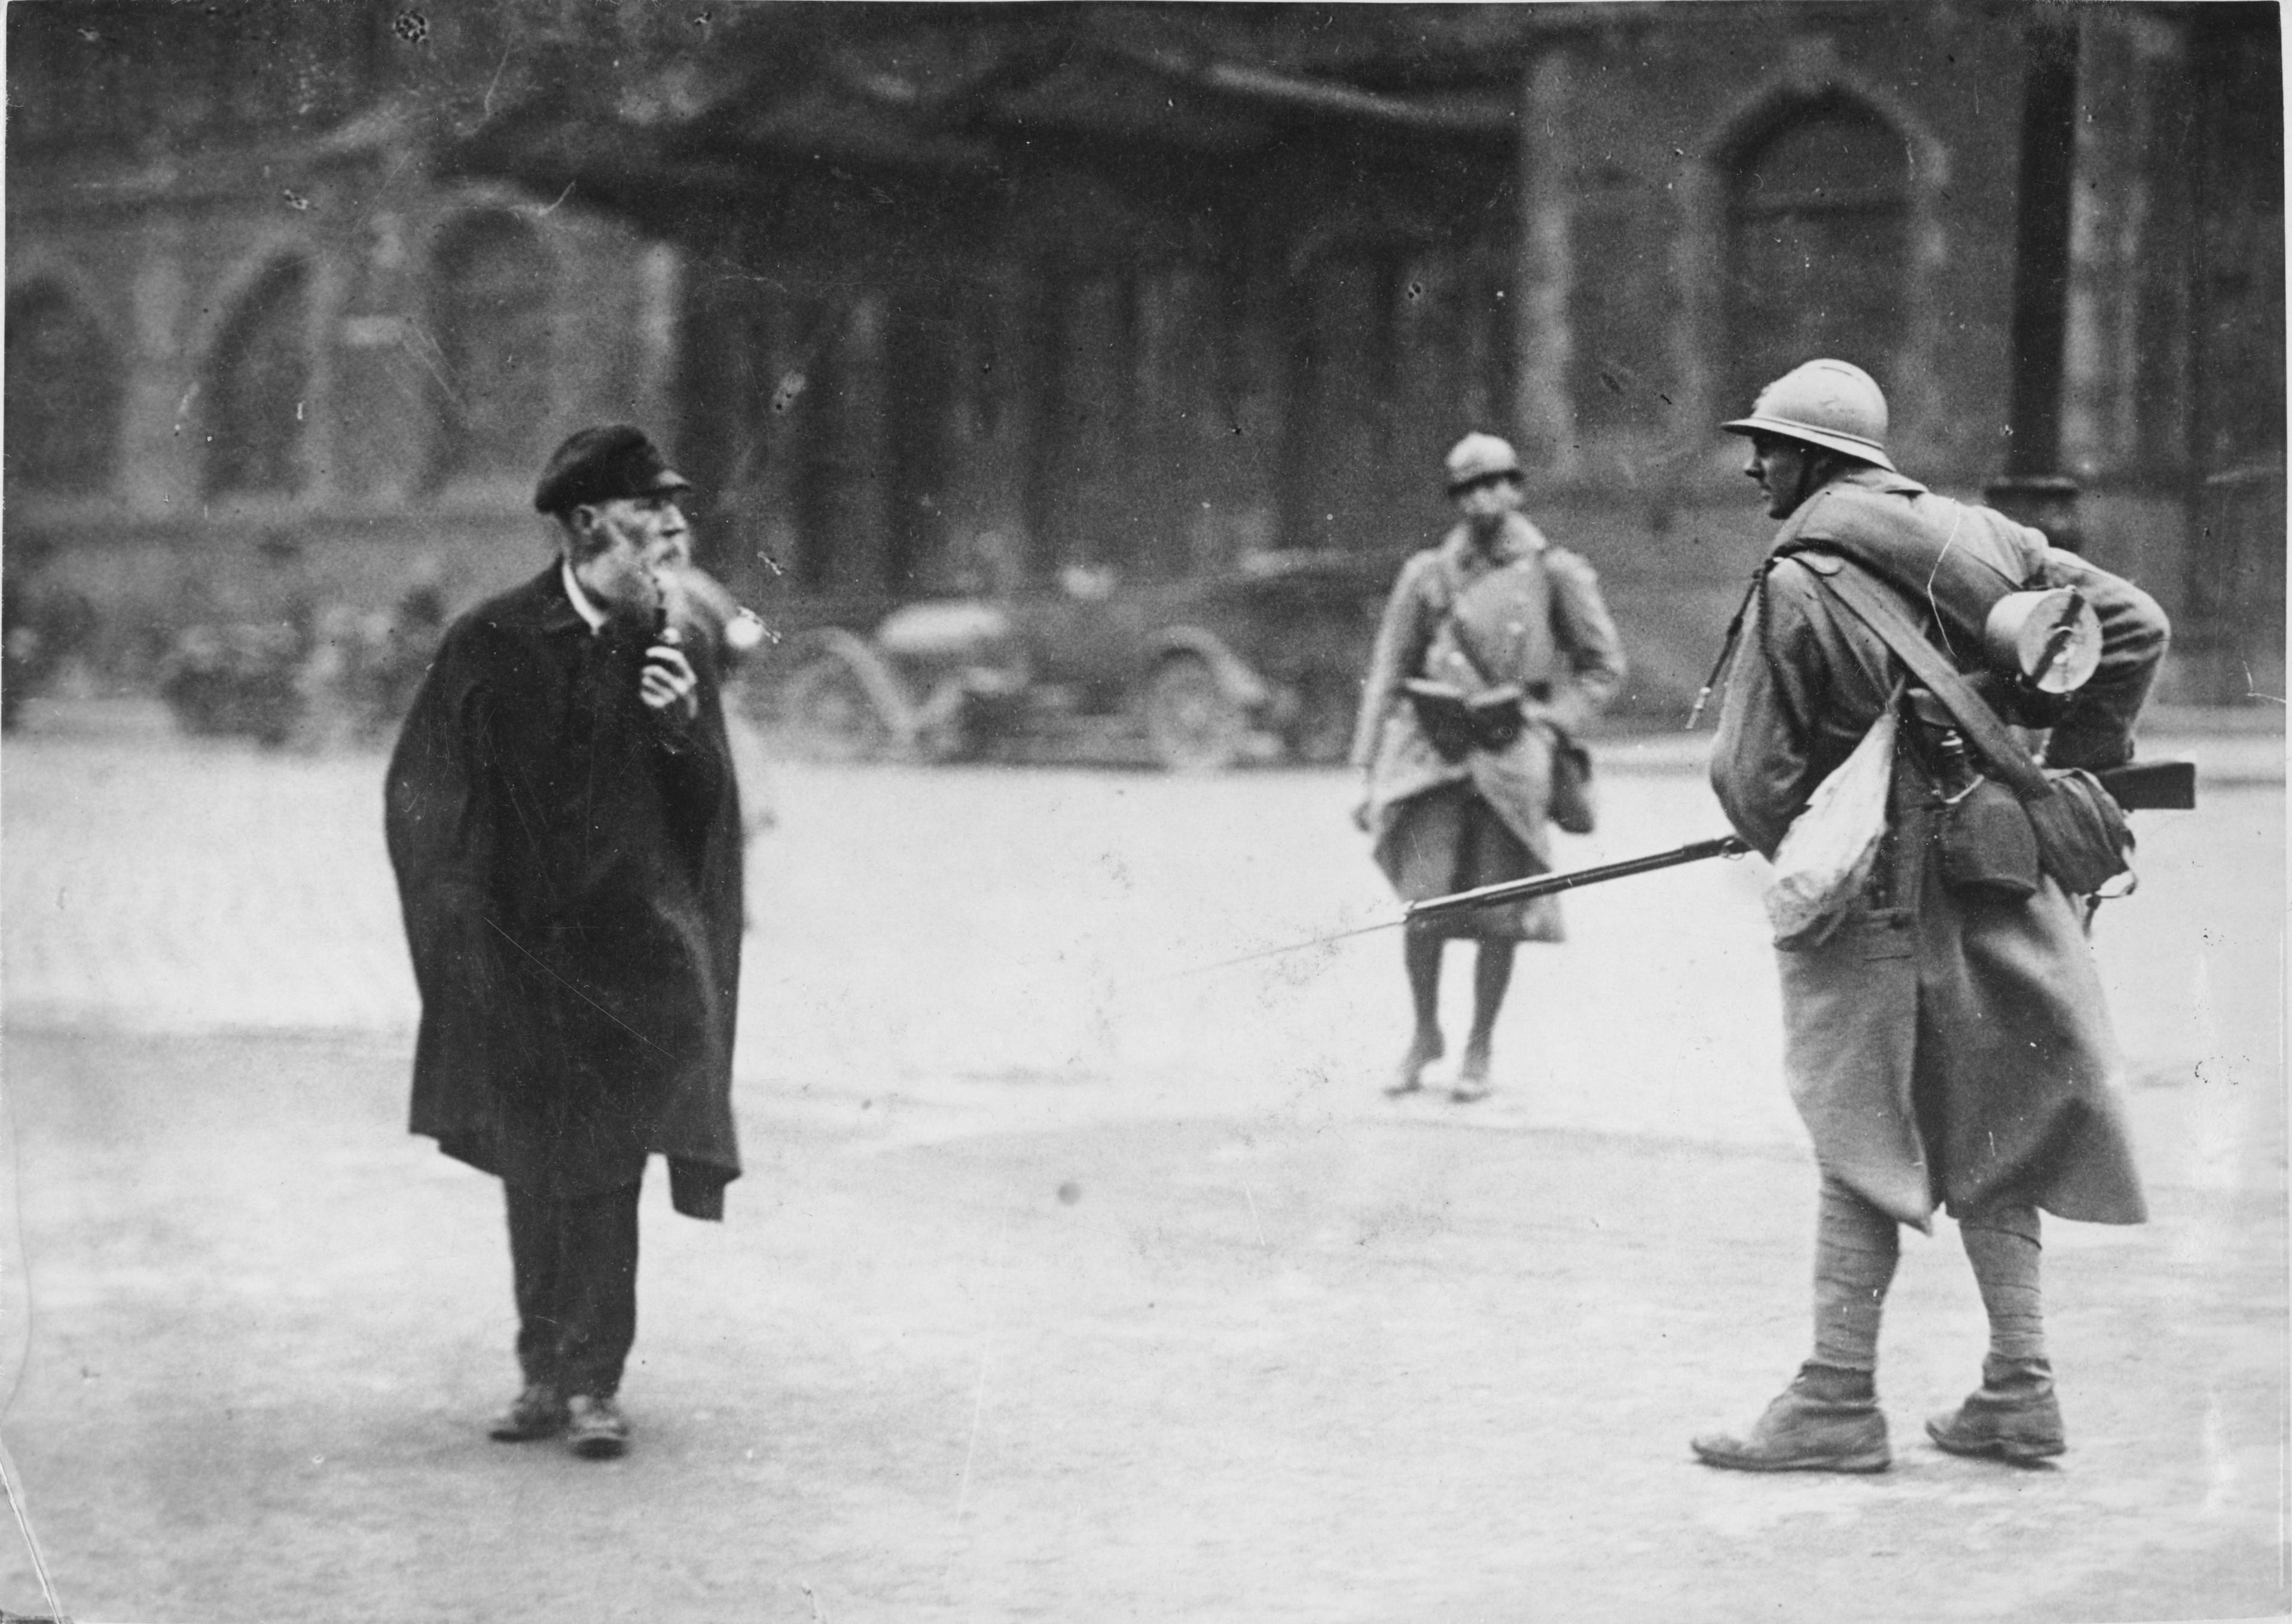 Ruhrkampf, Alter Mann, französischer Soldat